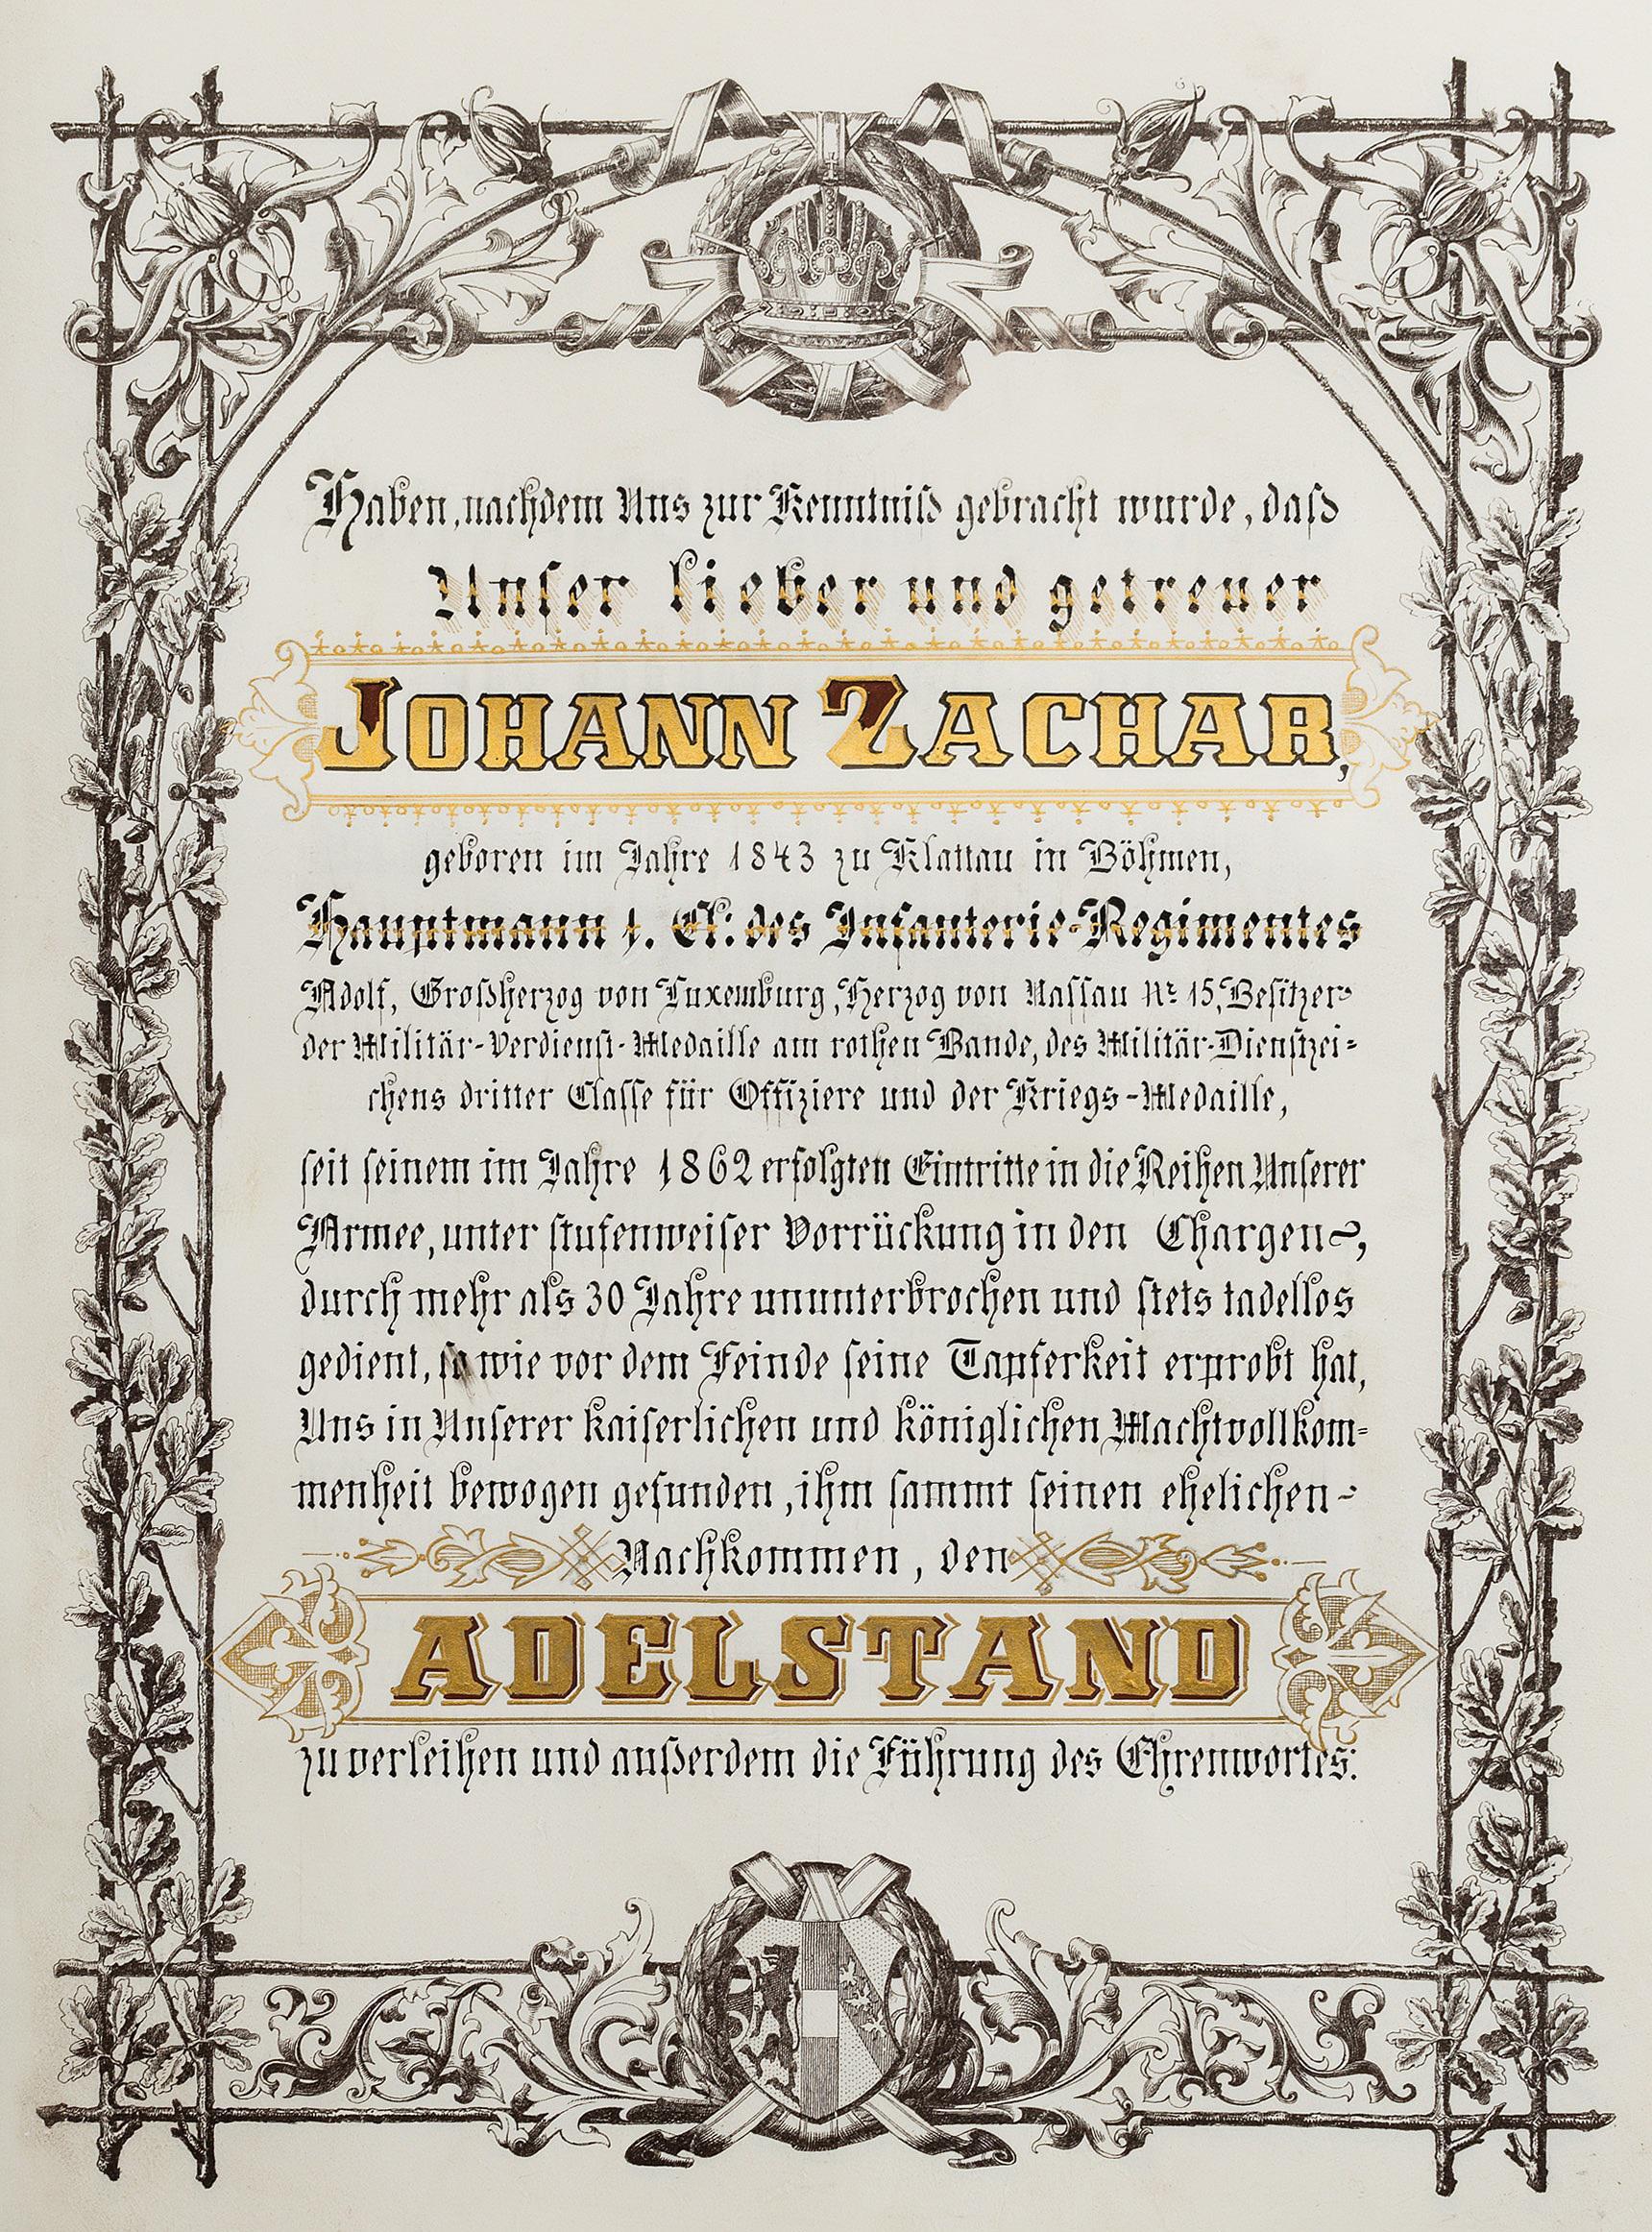 """1893年,一名上尉获得弗朗茨·约瑟夫皇帝的贵族封授,成为""""体制贵族"""""""